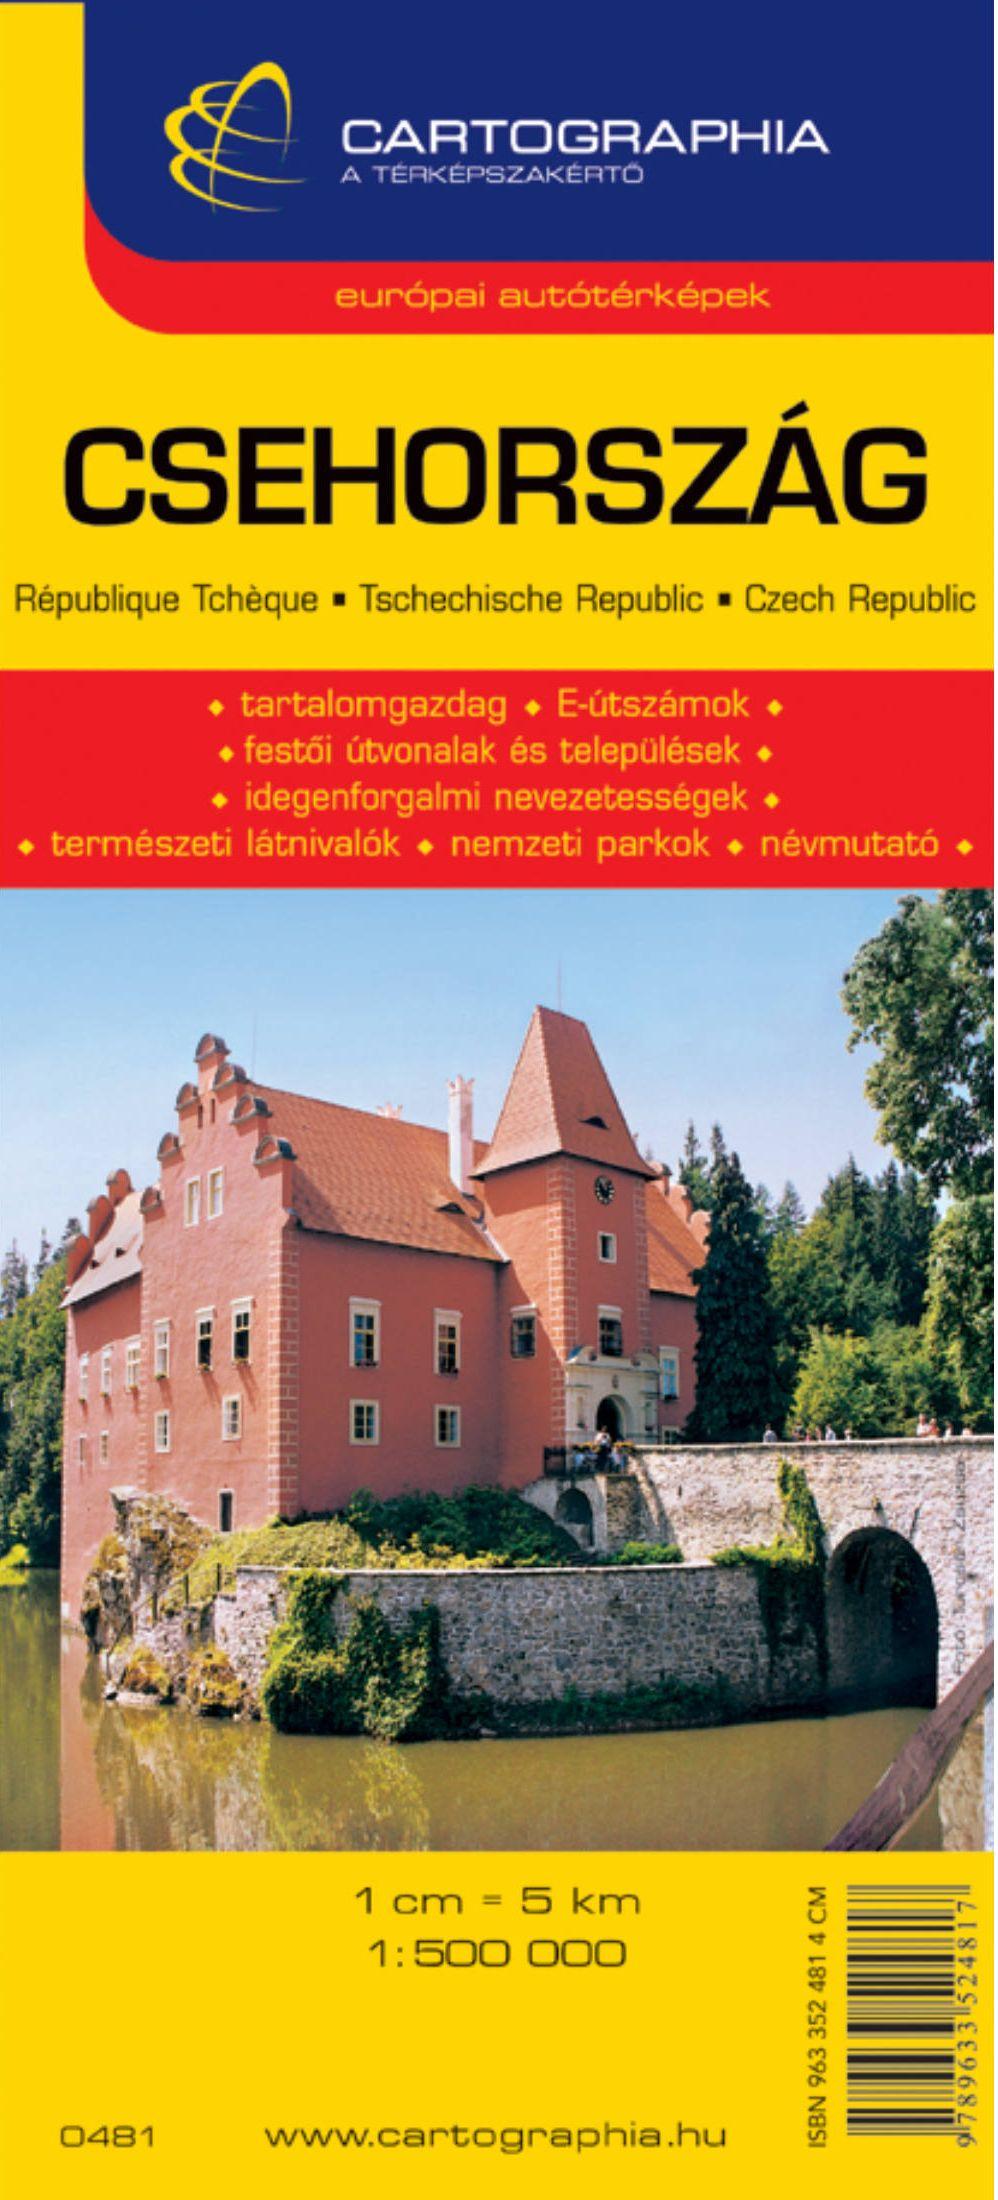 Csehország autótérképe turista információkkal, névmutatóval